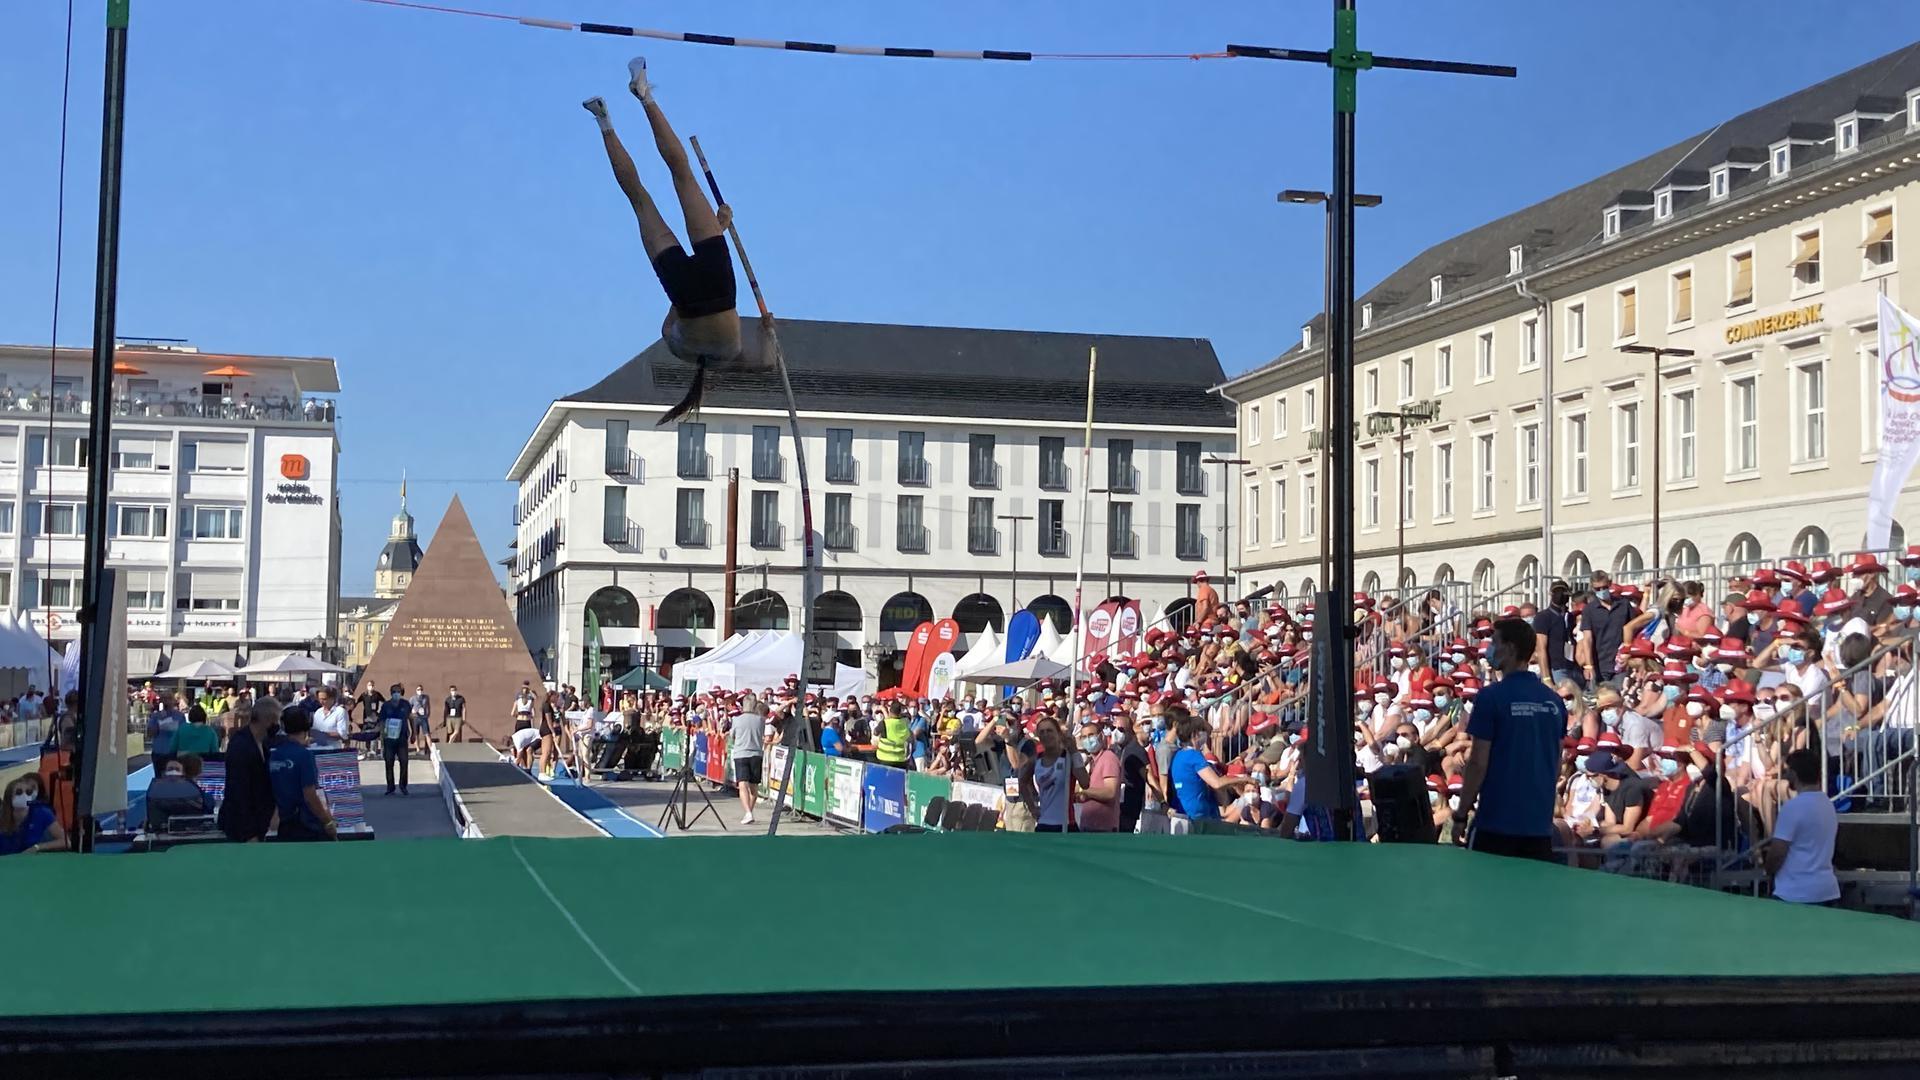 """Hochsprung mitten auf dem Marktplatz: Für die knapp 1.000 Zuschauern war das Event """"Karlsruhe springt"""" Leichtathletik zum Anfassen."""